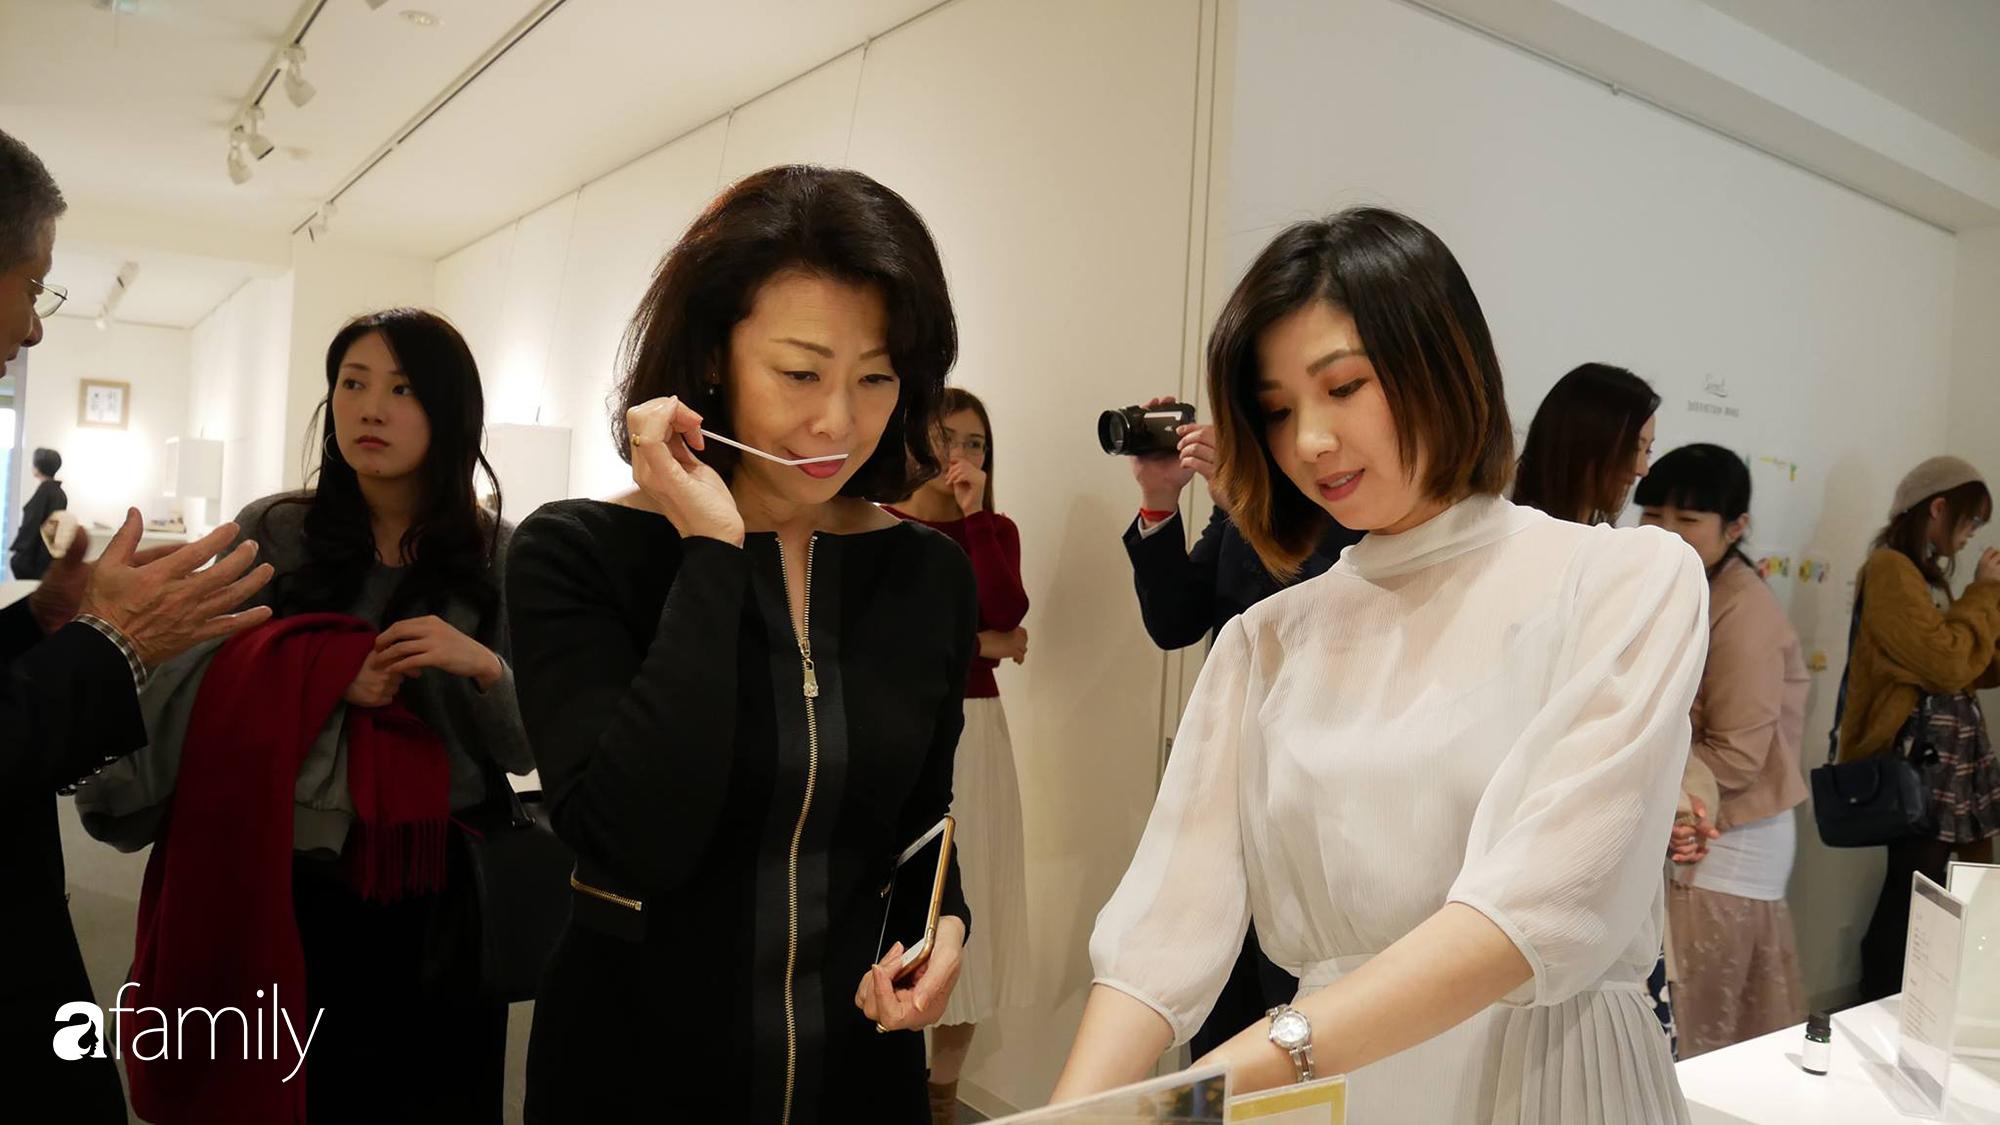 Rei Nguyễn - Nghệ sĩ nước hoa người Việt đầu tiên tổ chức triển lãm tại Nhật Bản, từ bỏ nghề Ngân hàng để được cháy hết mình trong thế giới mùi hương - Ảnh 5.